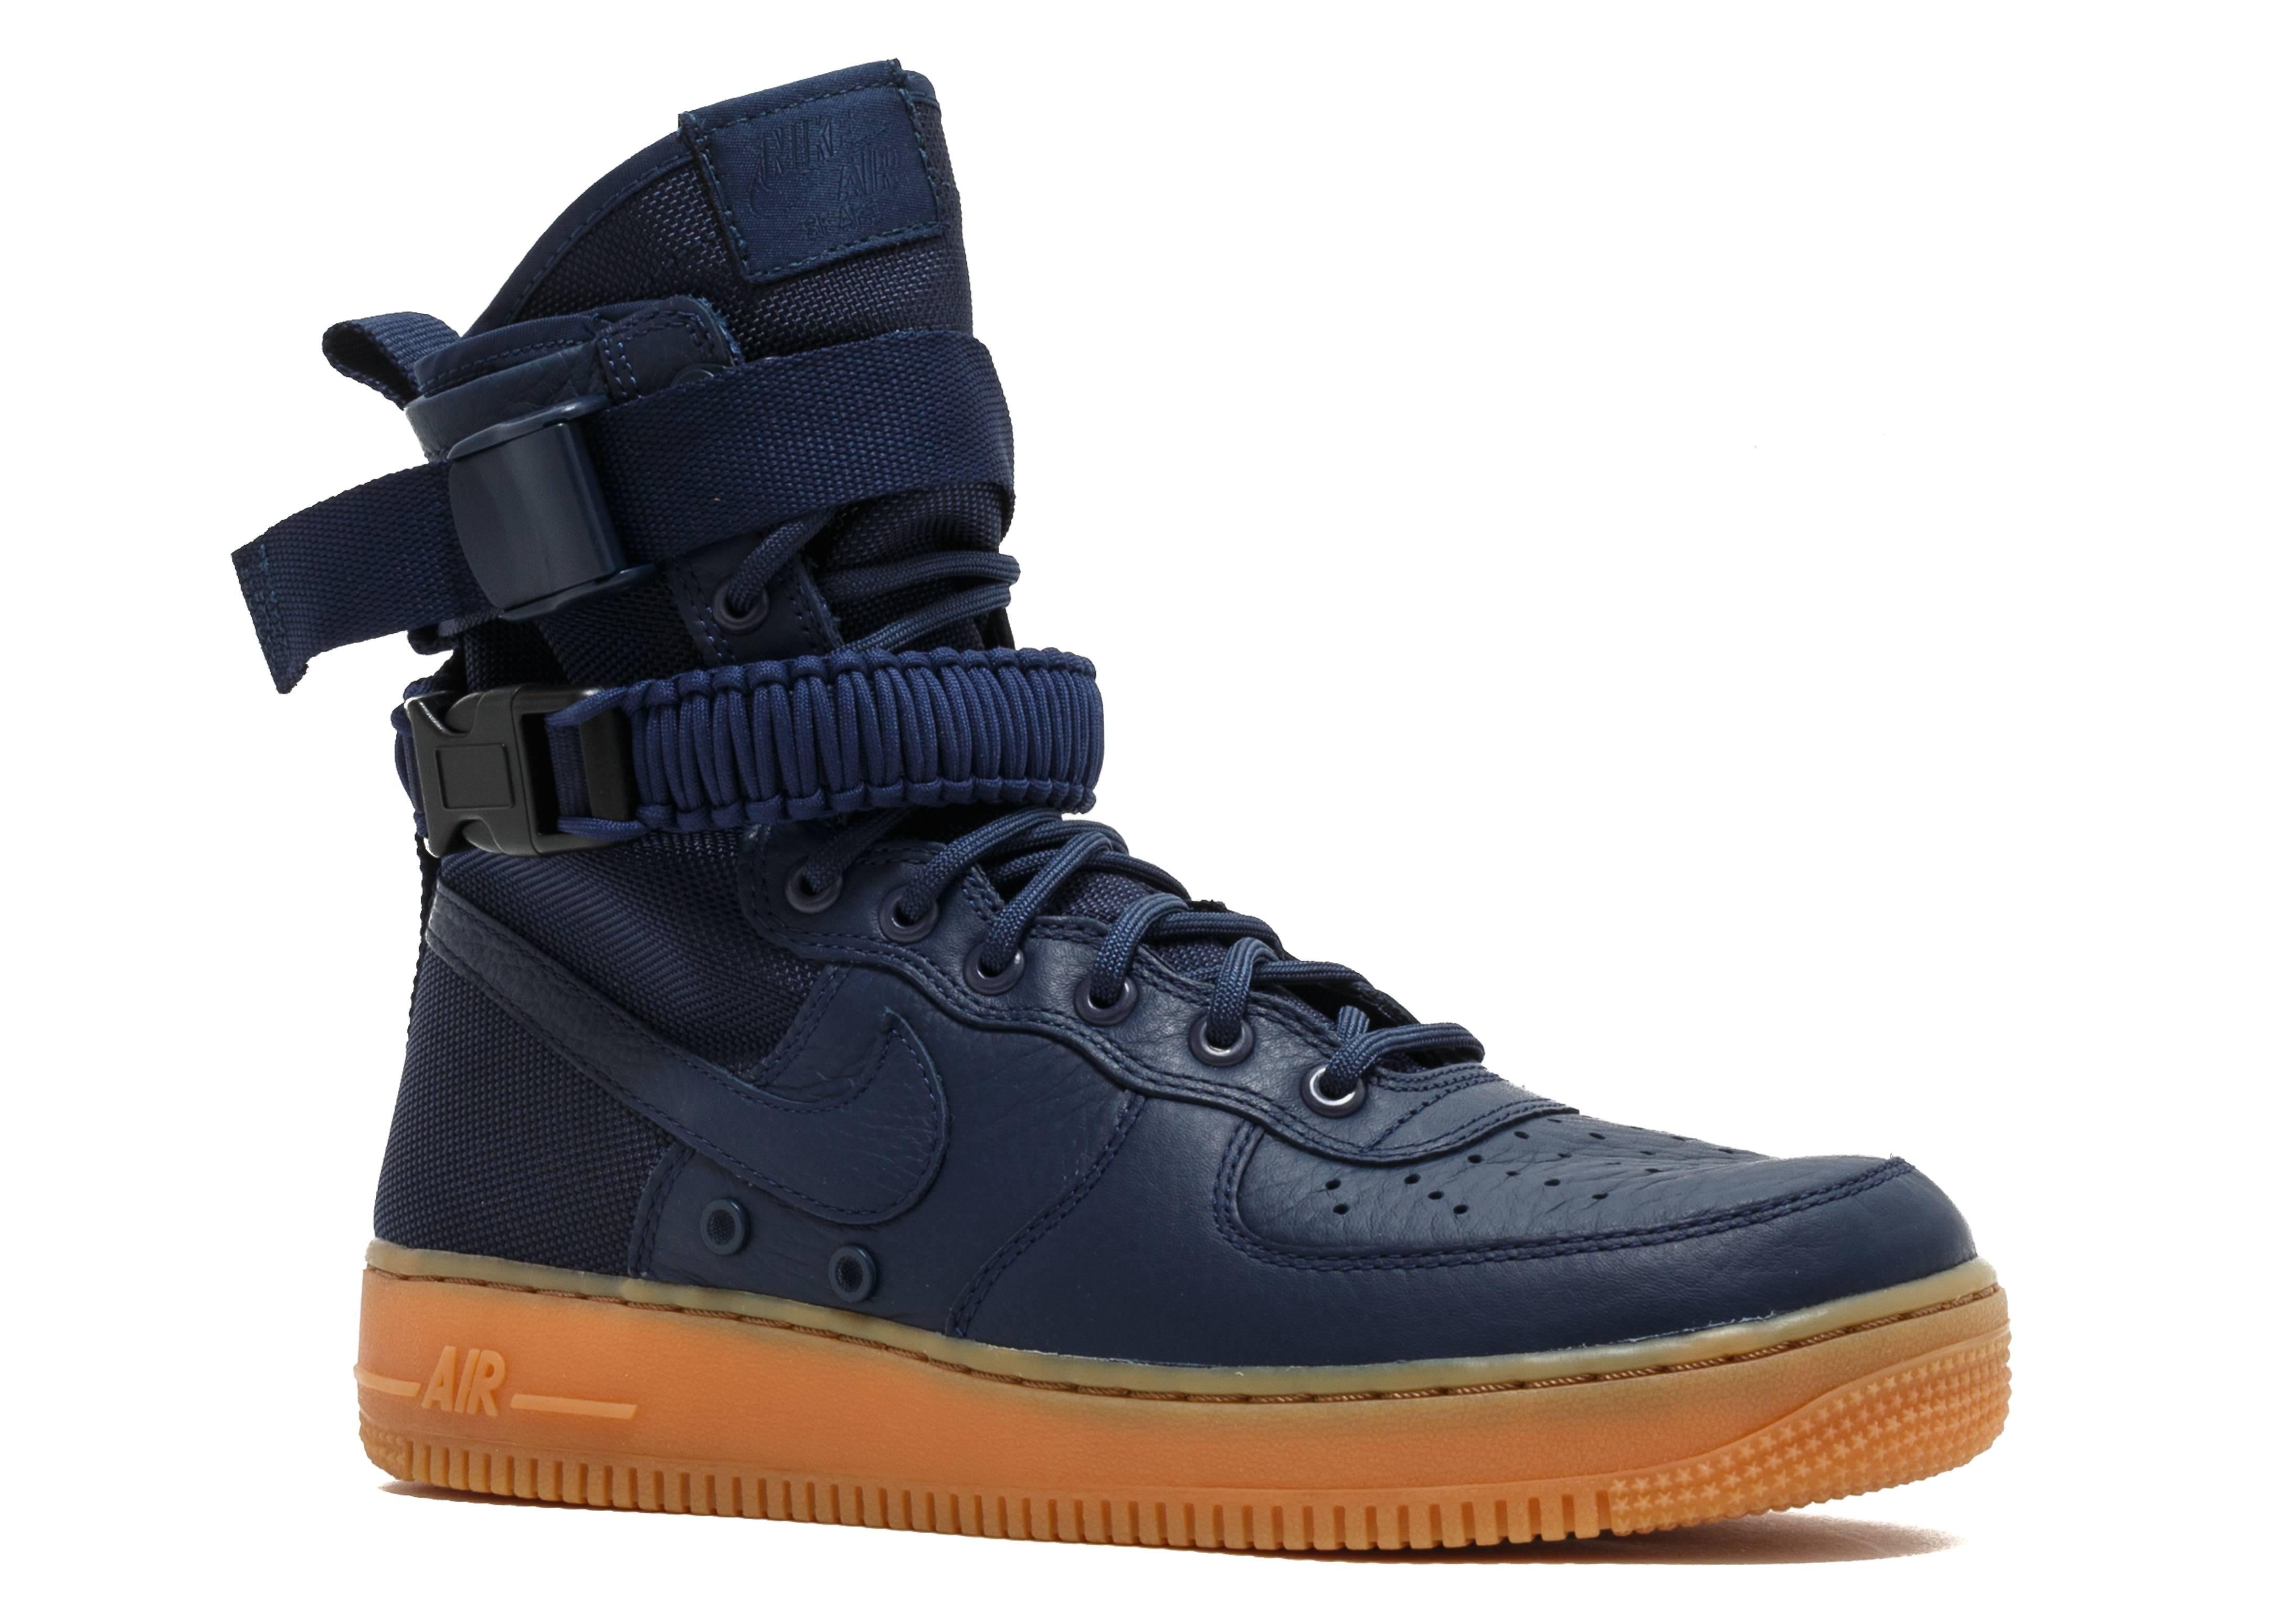 24e92dbfad26c8 Sf Af1 - Nike - 864024 400 - midnight navy midnight-navy